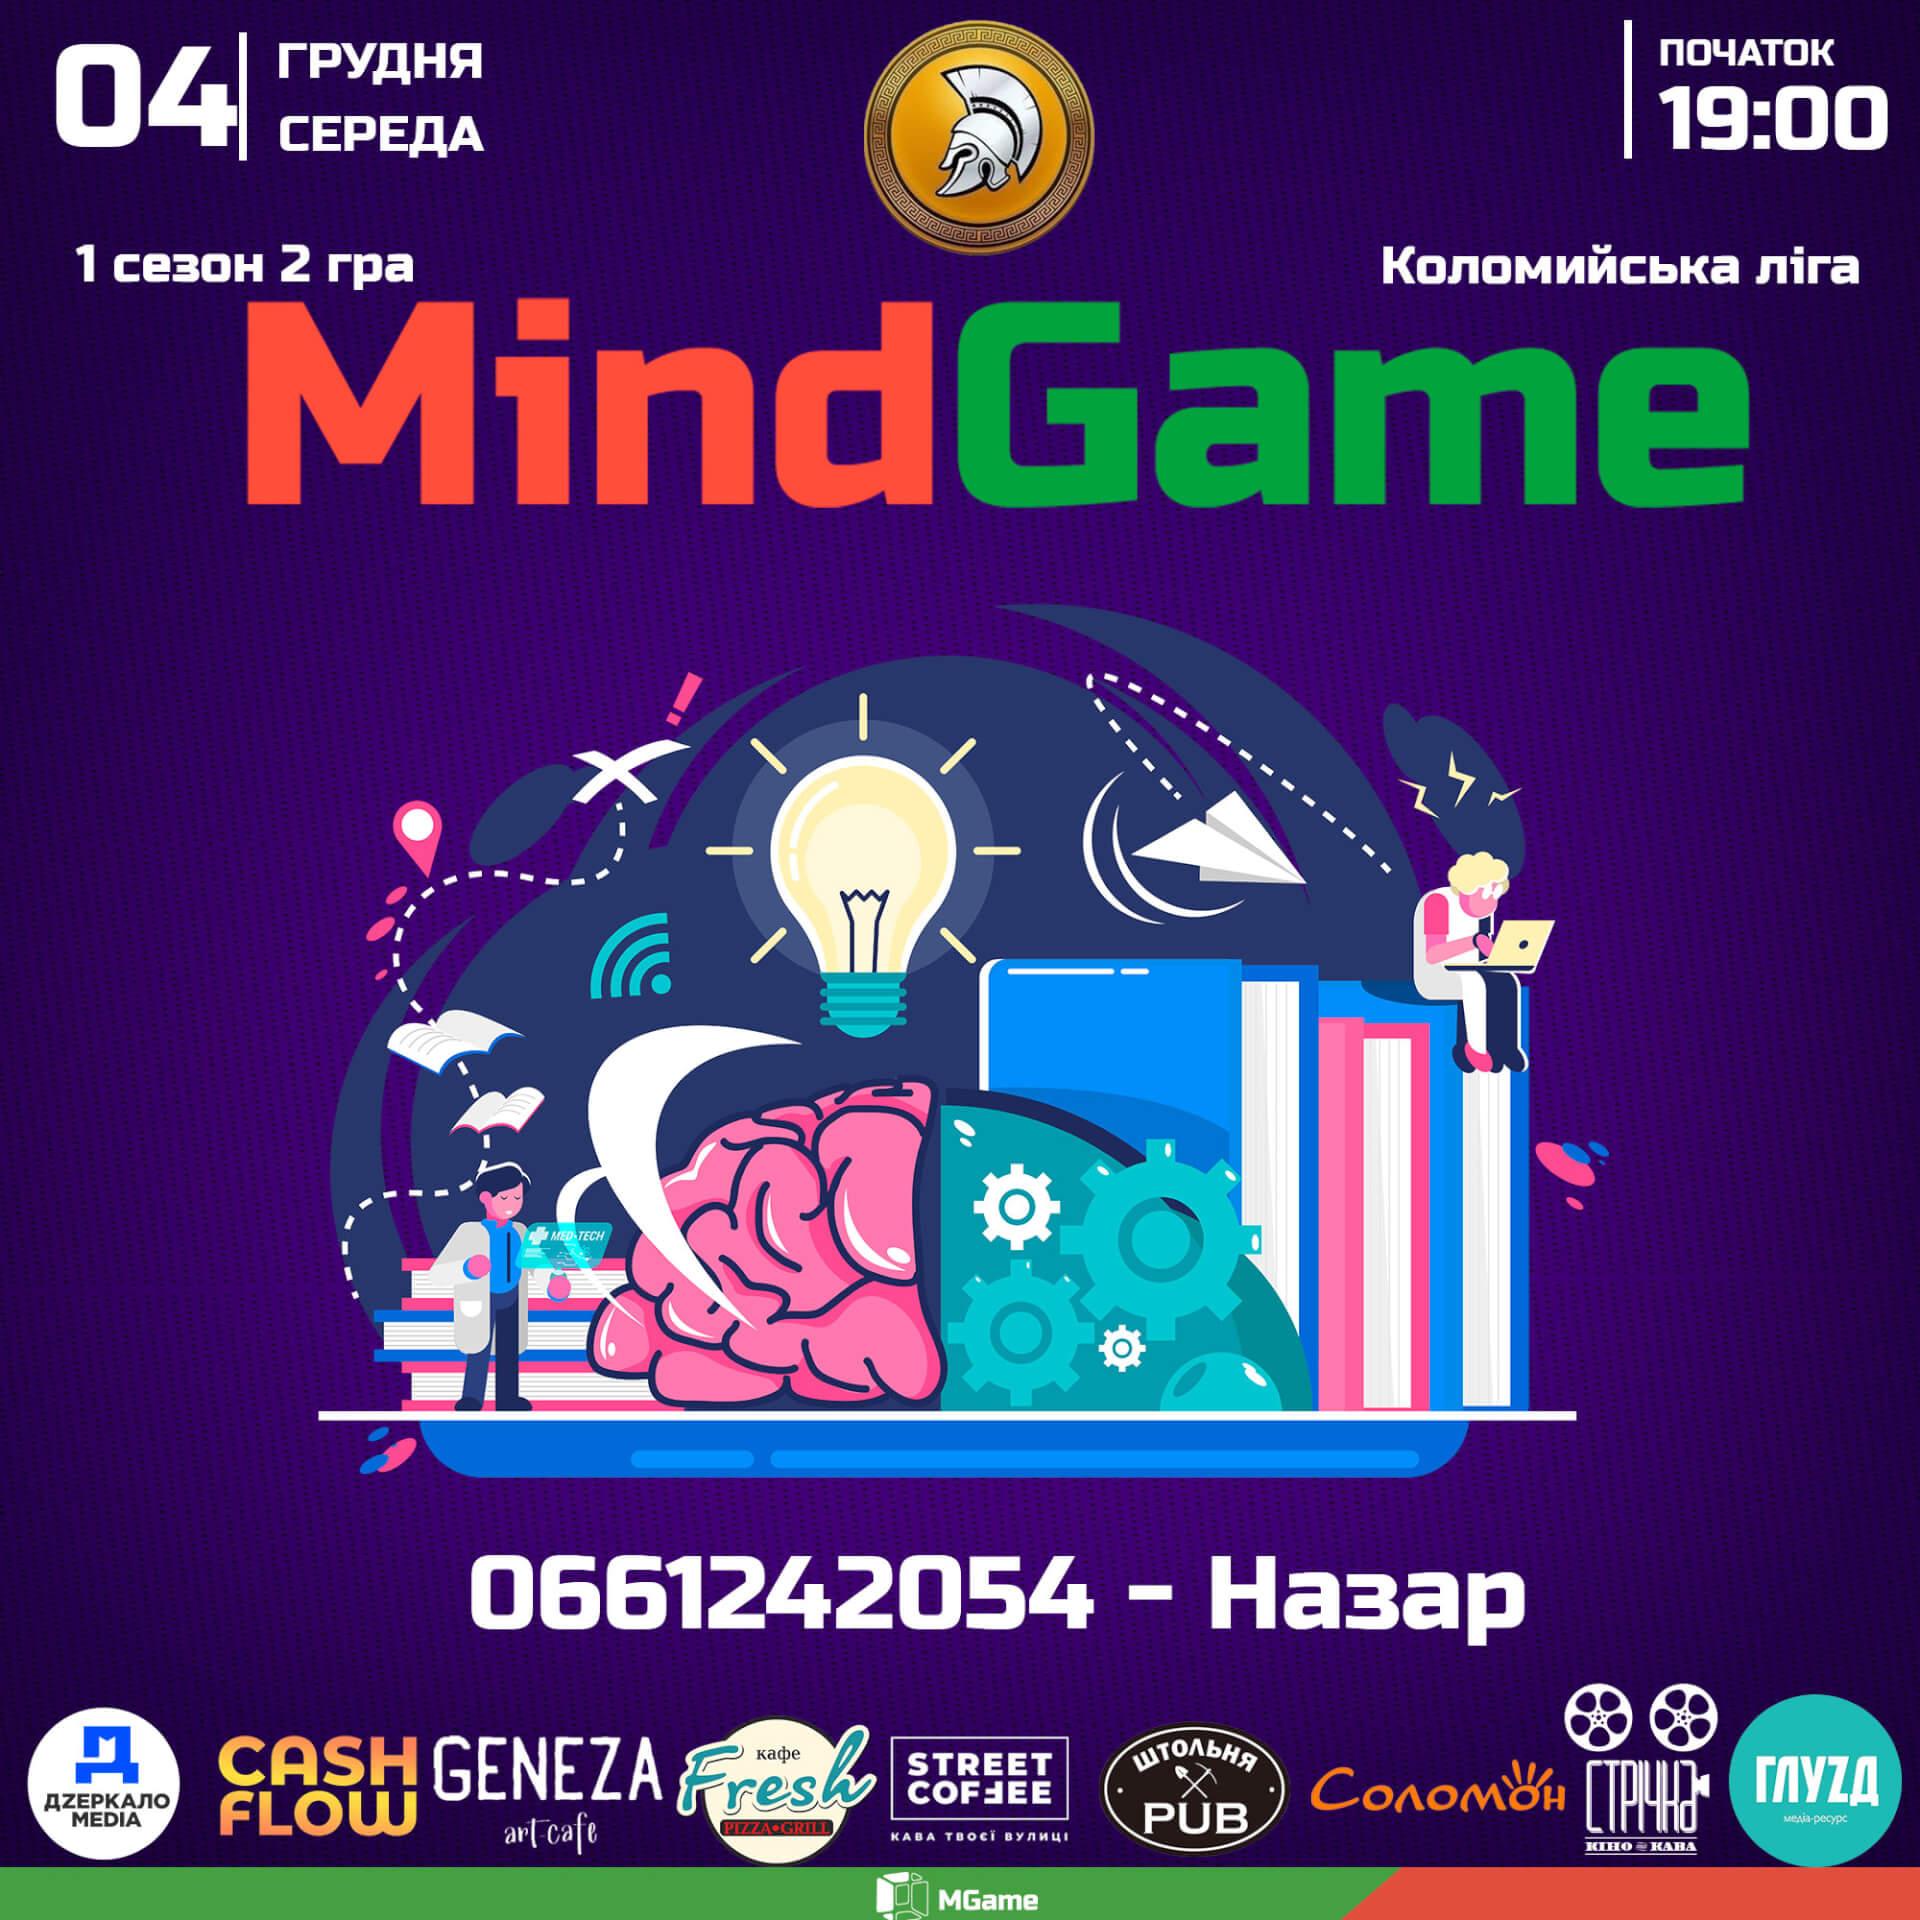 Ігри розуму для тебе та друзів